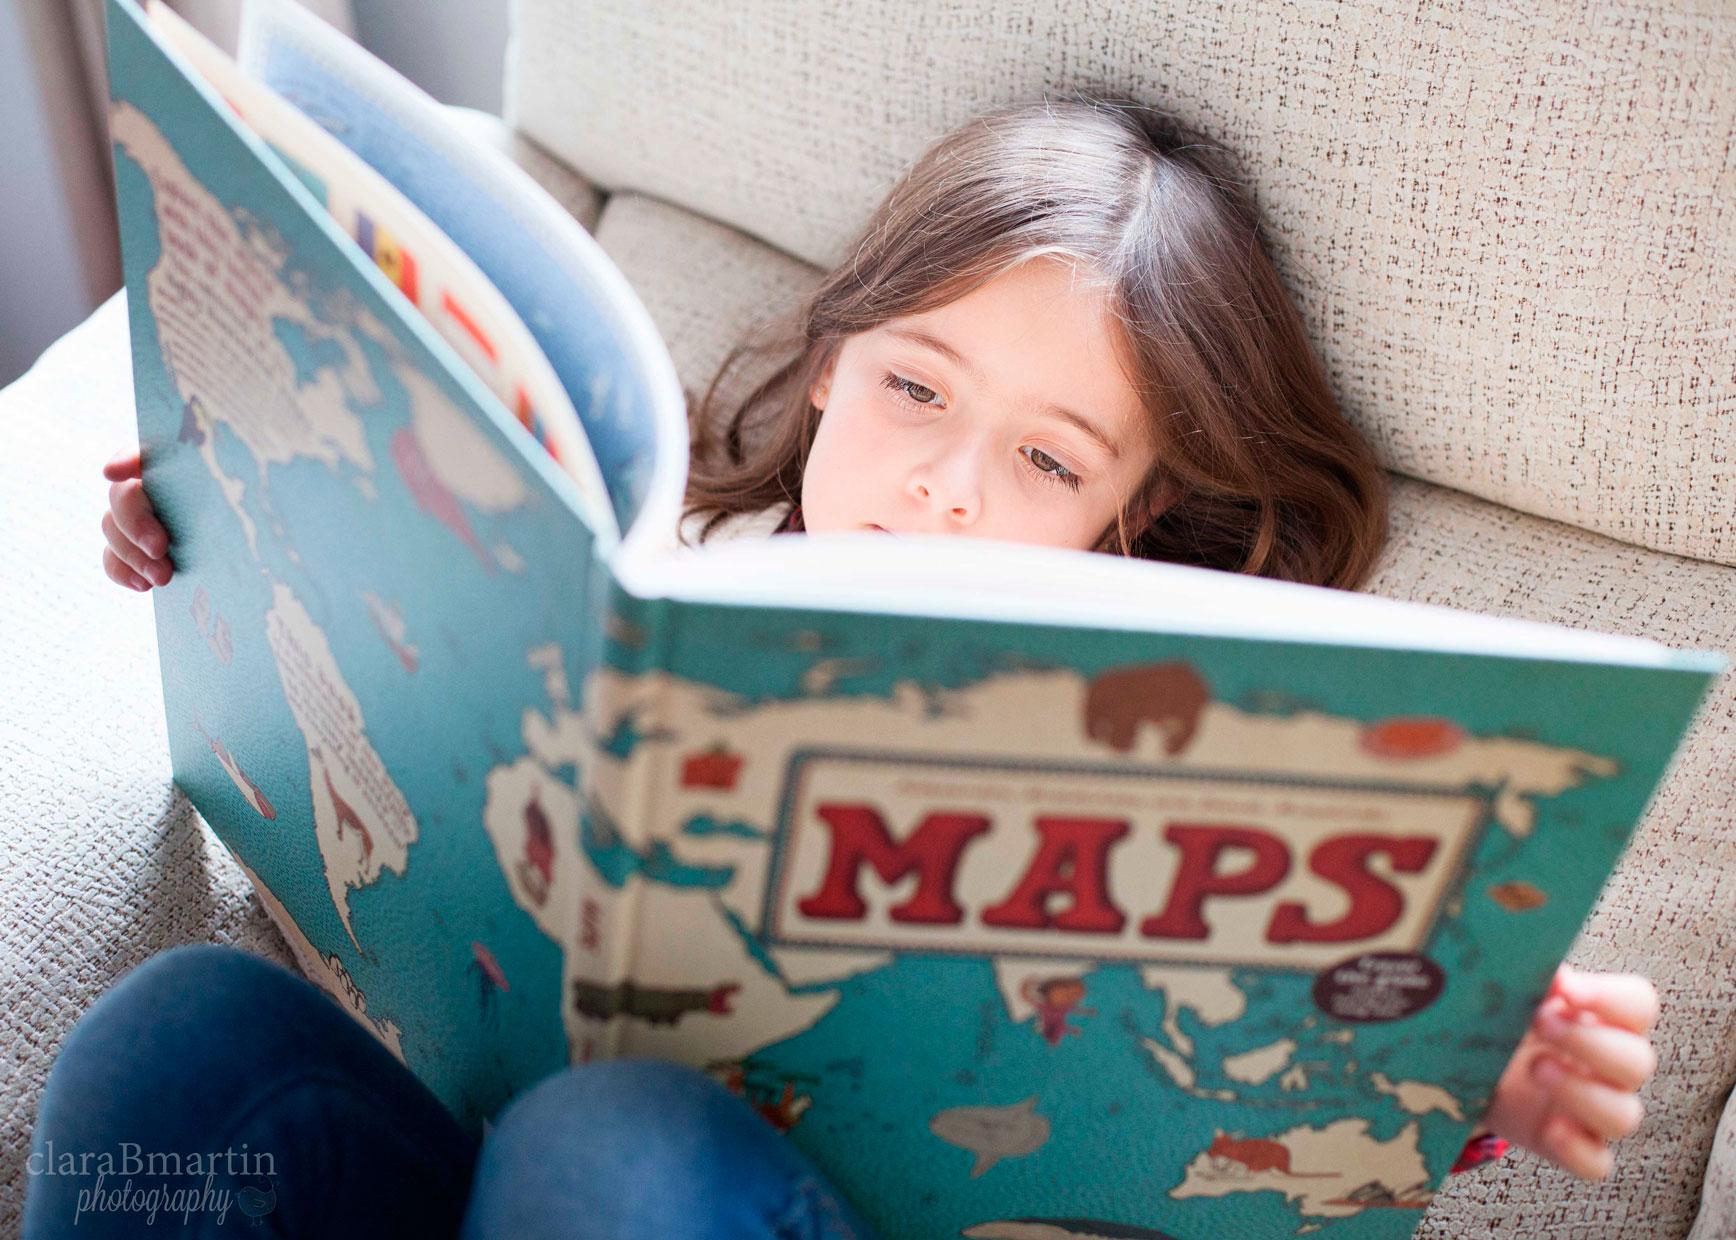 Libro Maps_claraBmartin04